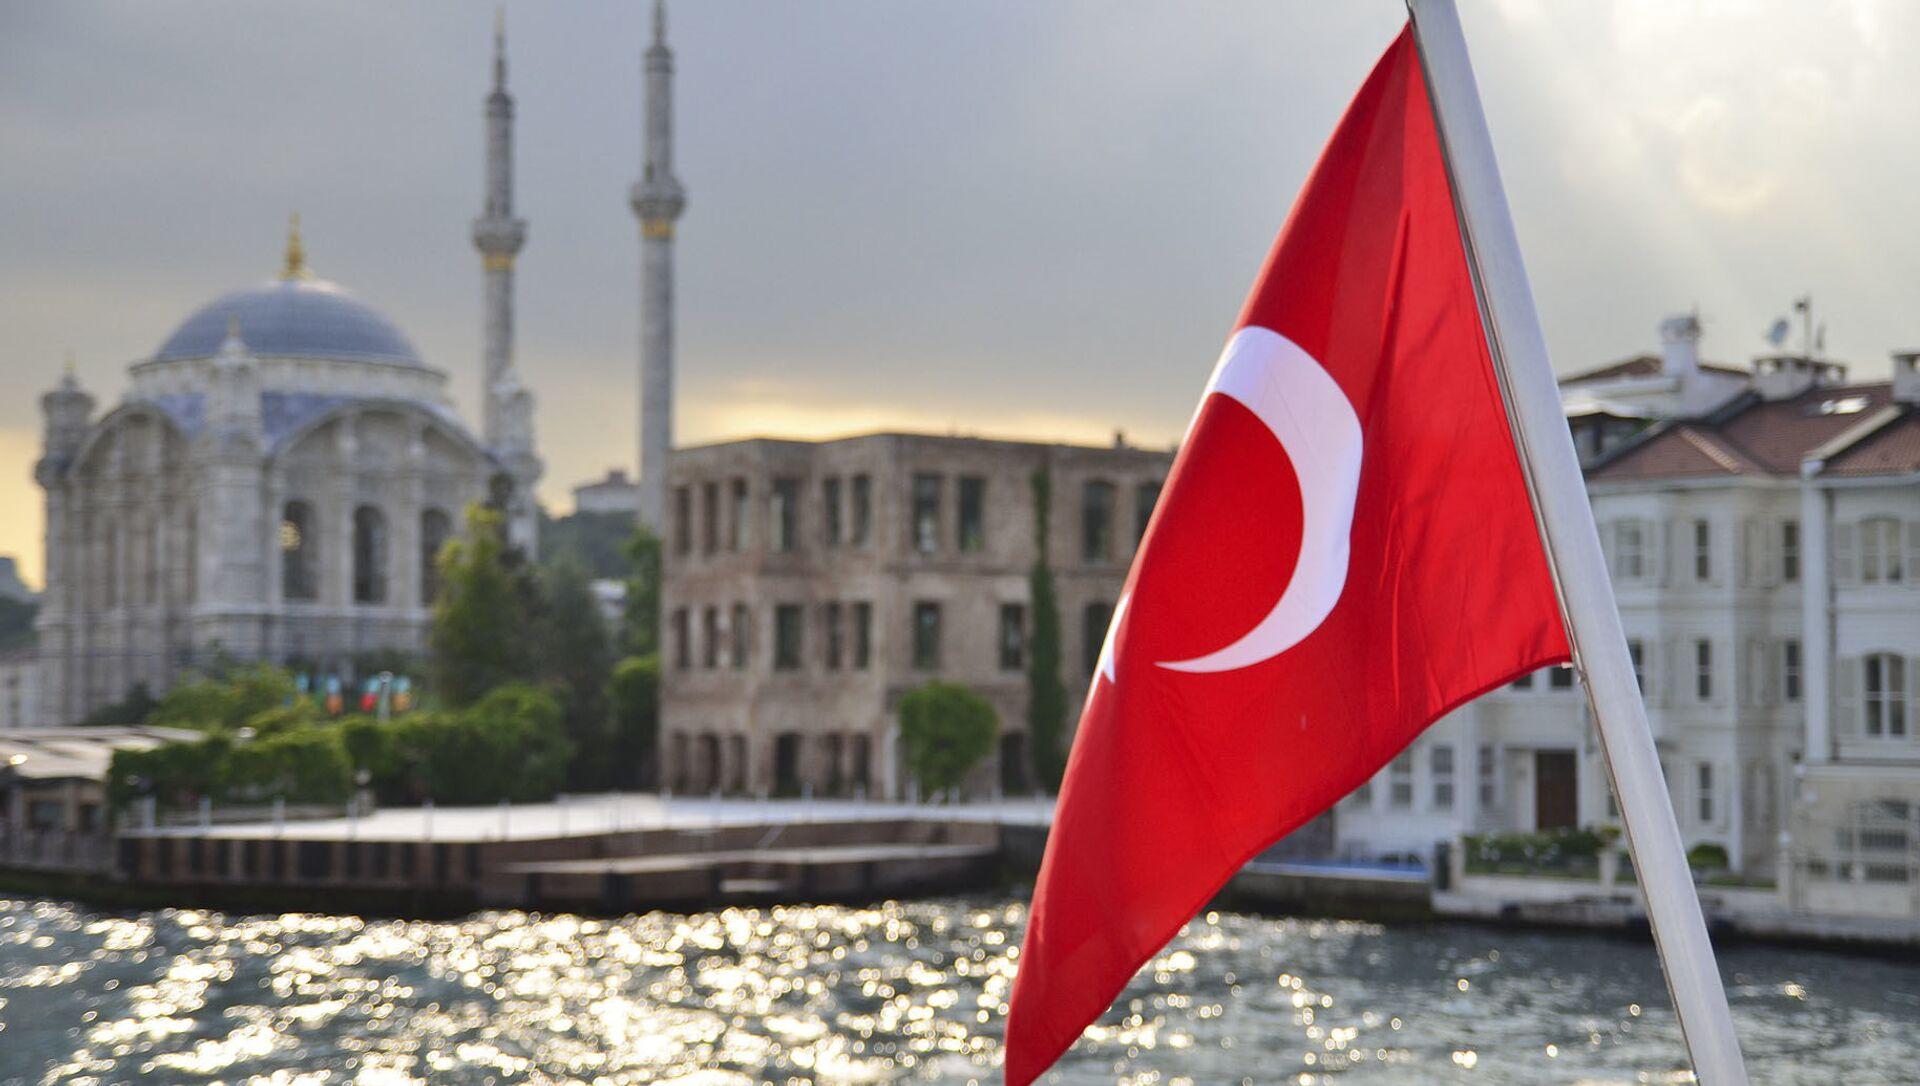 Турецкий флаг на фоне стамбульского пейзажа - Sputnik Абхазия, 1920, 18.09.2021